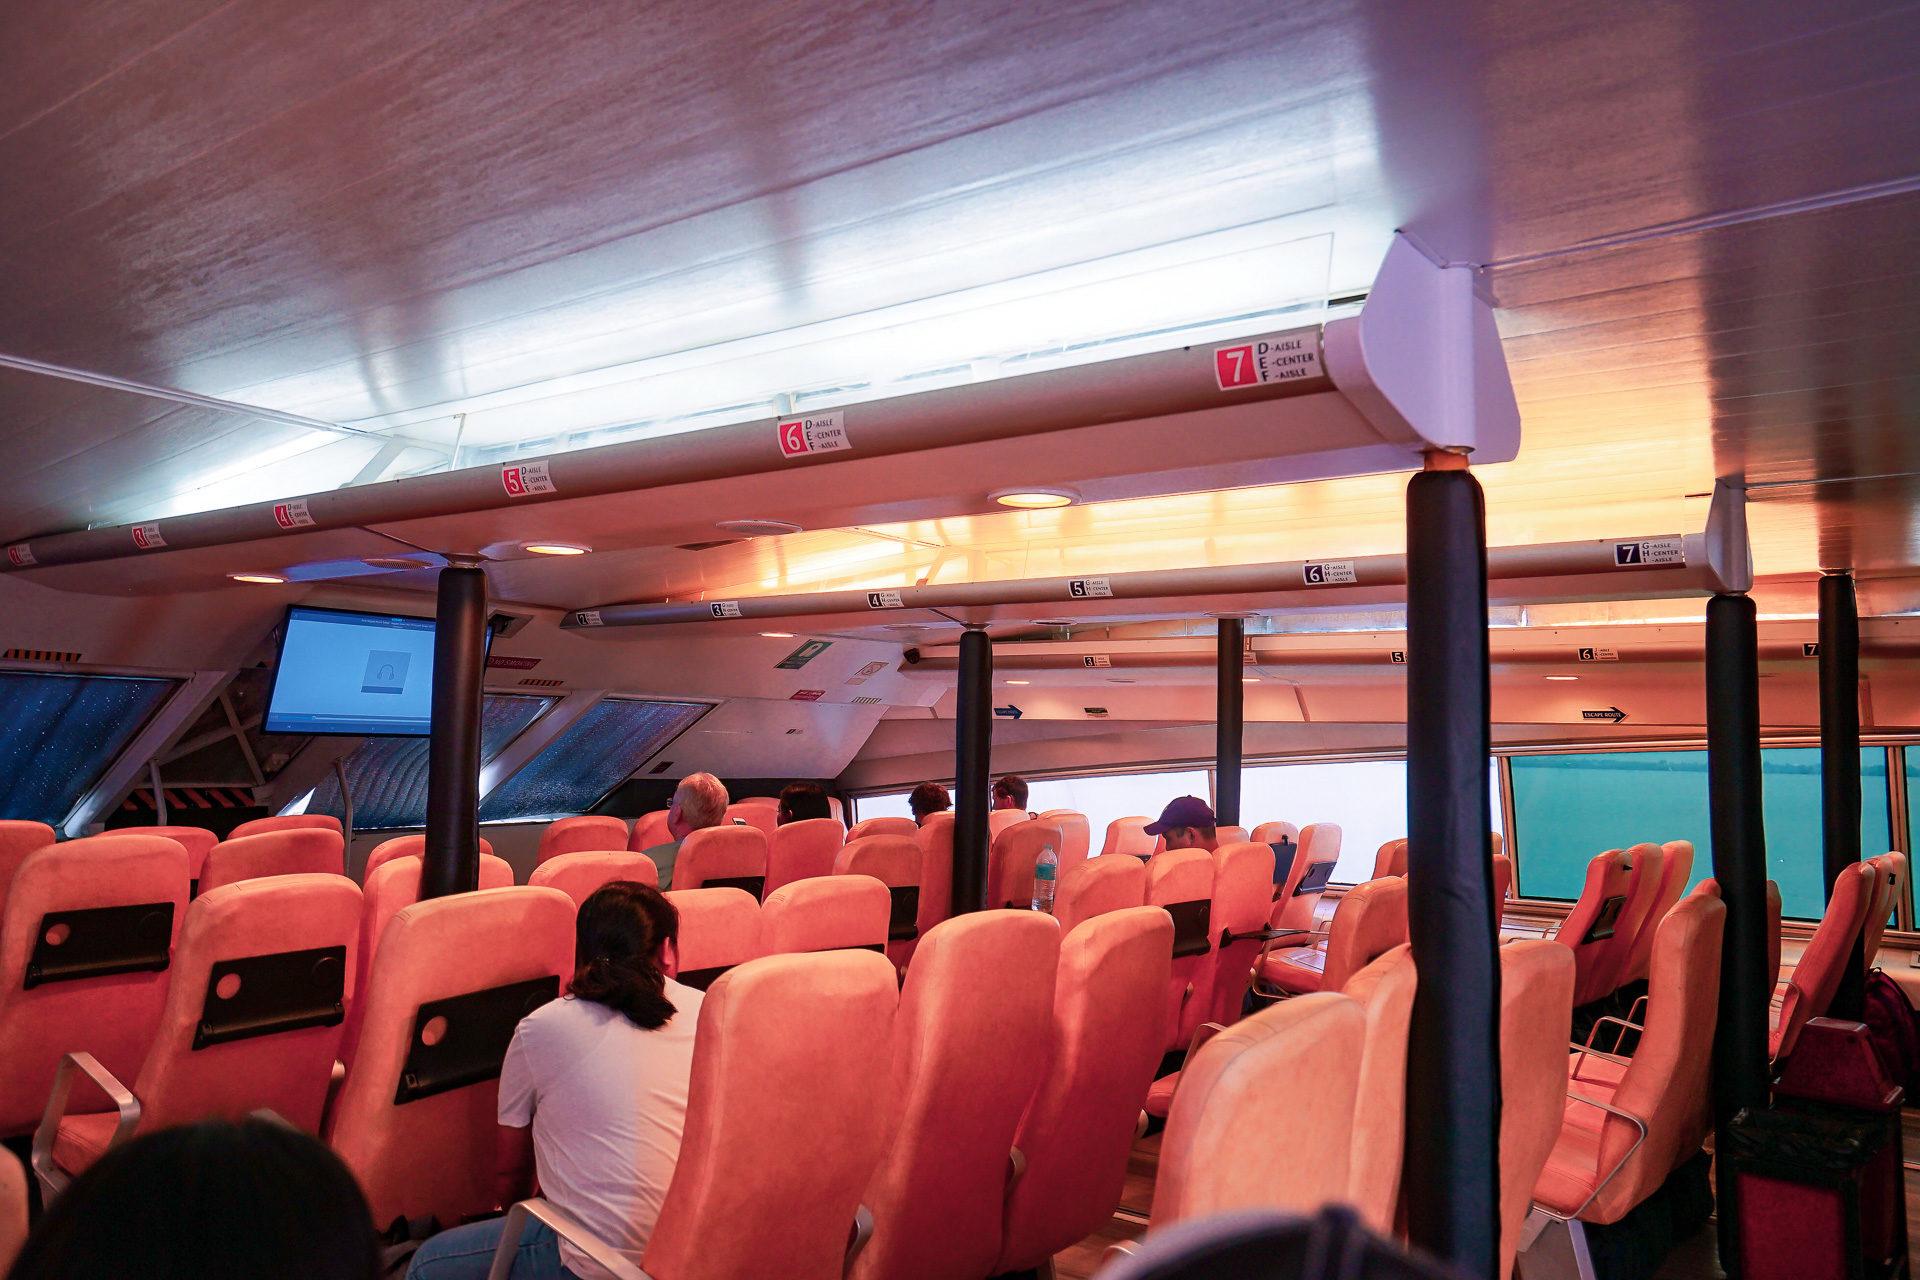 阿波島怎麼去》薄荷島出發杜馬蓋地 (交通,票價,螃蟹船湊船)搭乘紀錄